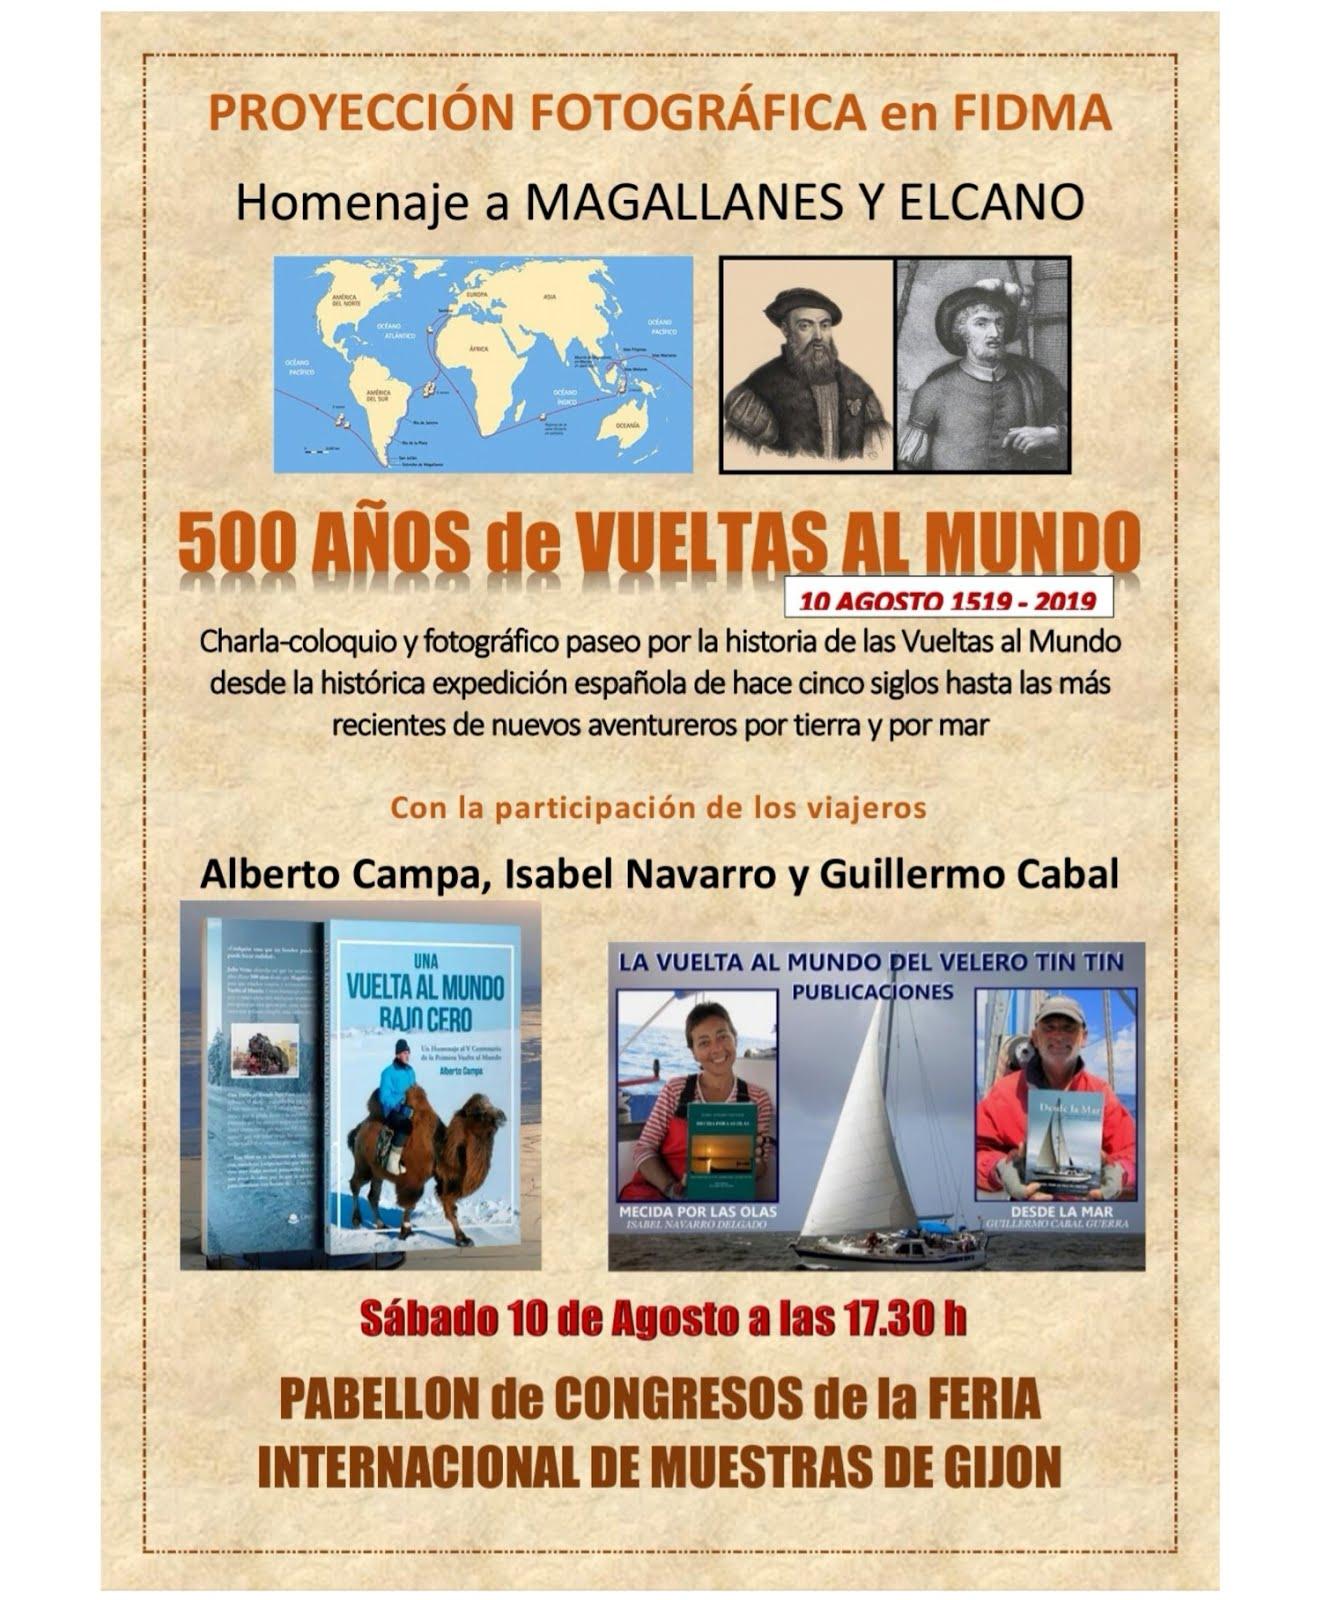 500 AÑOS DE VUELTAS AL MUNDO